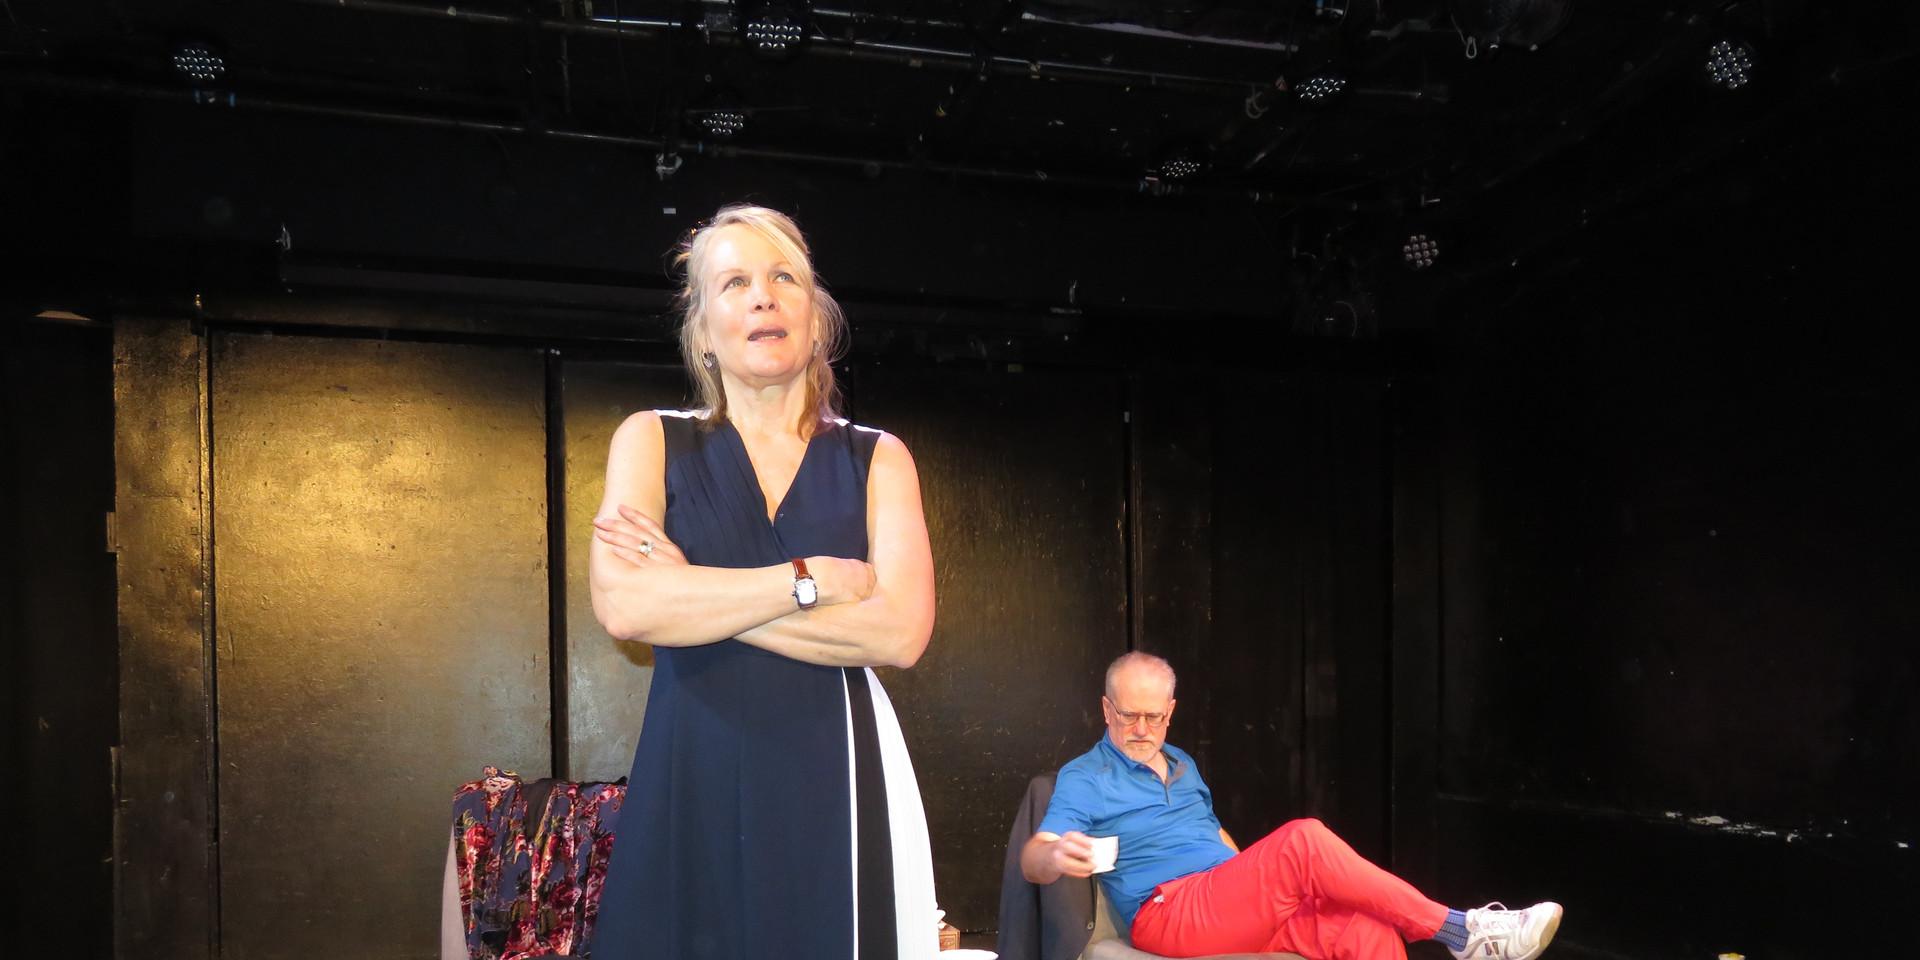 Donna Svennevik and Daniel Popowhich in Adrift.